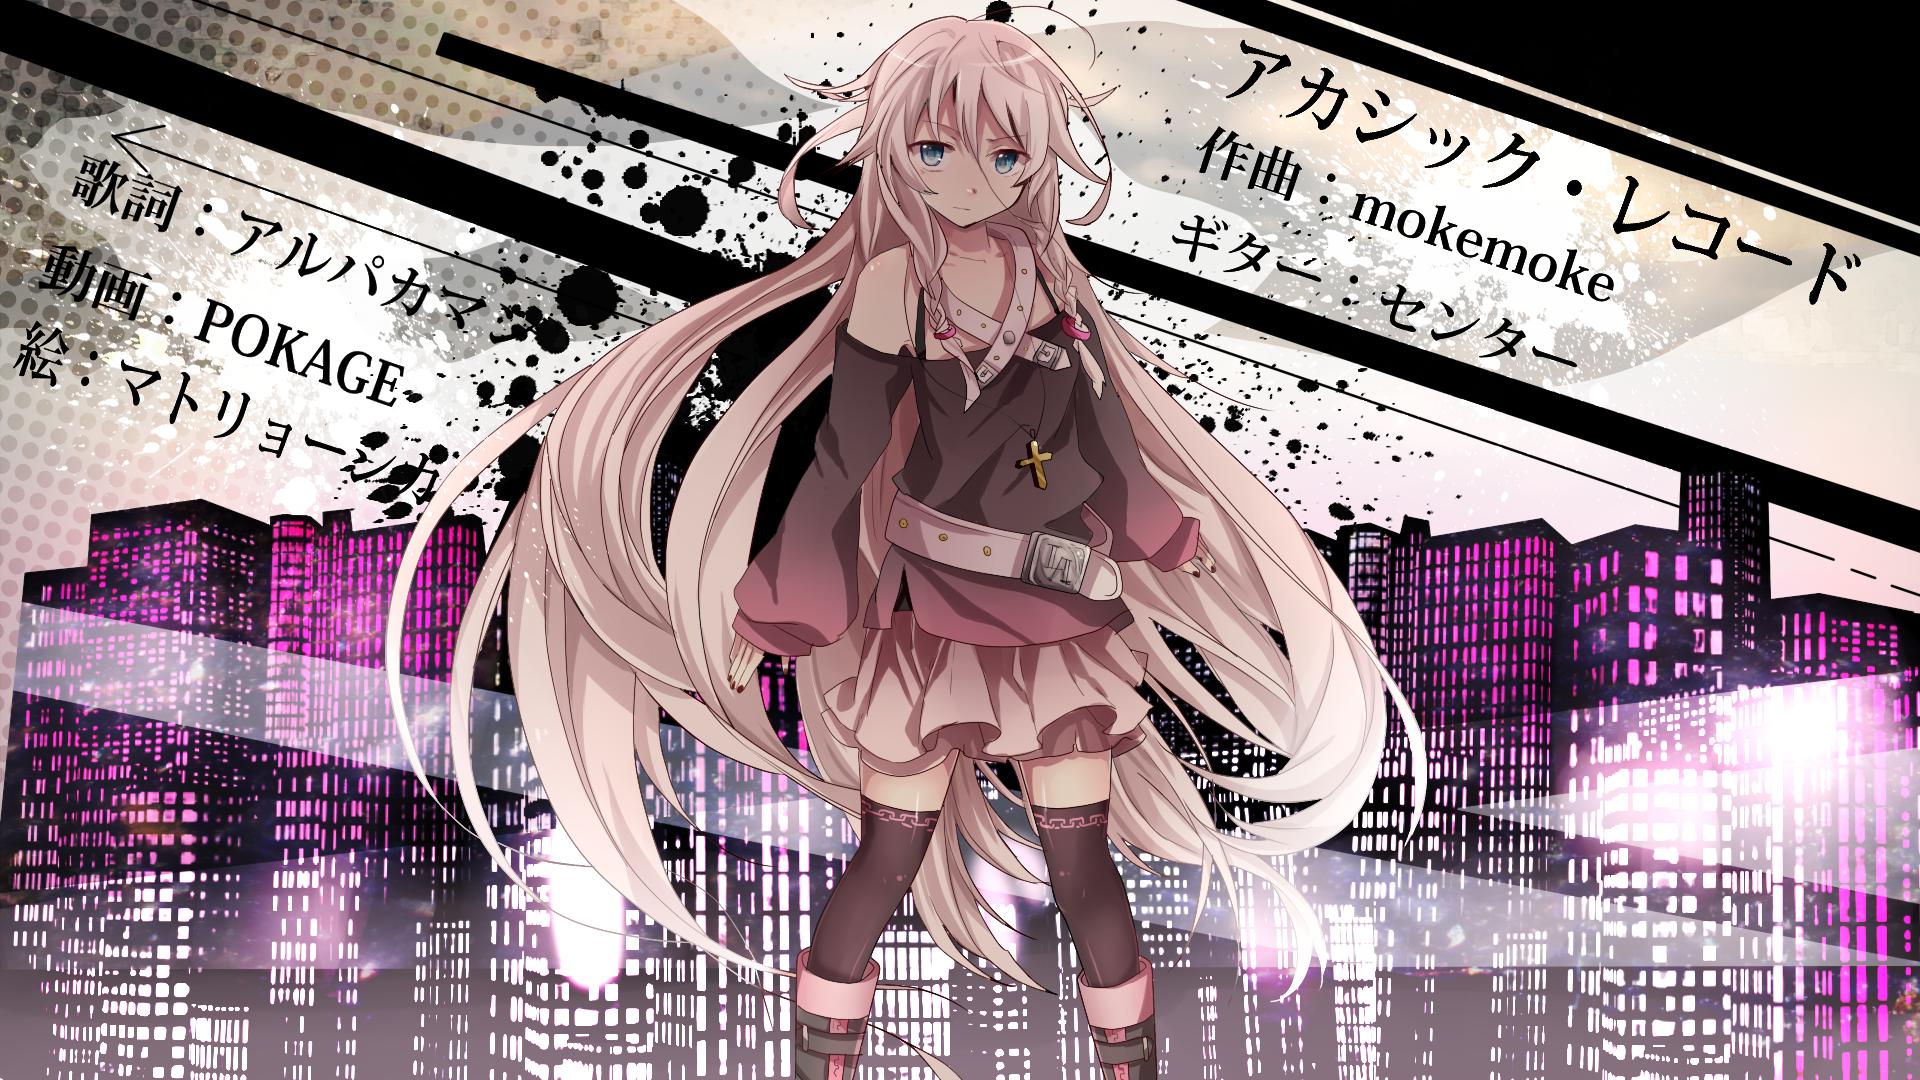 アカシック・レコード (Akashic Record)